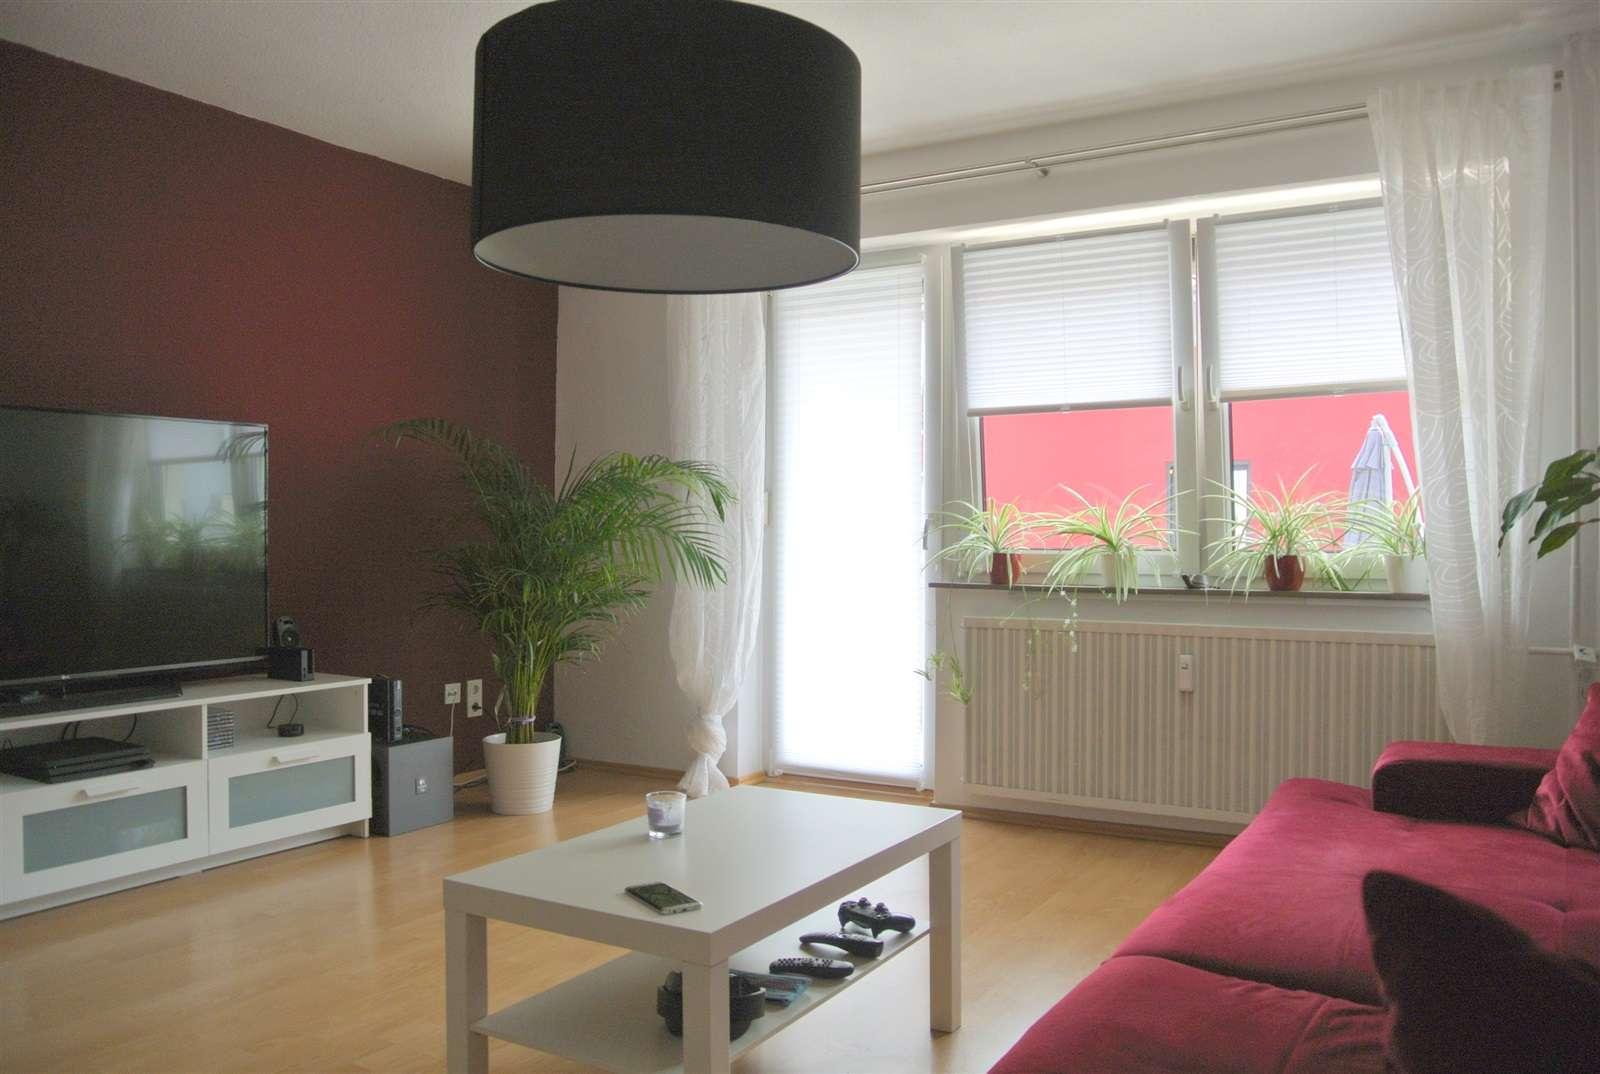 Rottendorf - 2Z-Wohnung mit Balkon in guter Lage